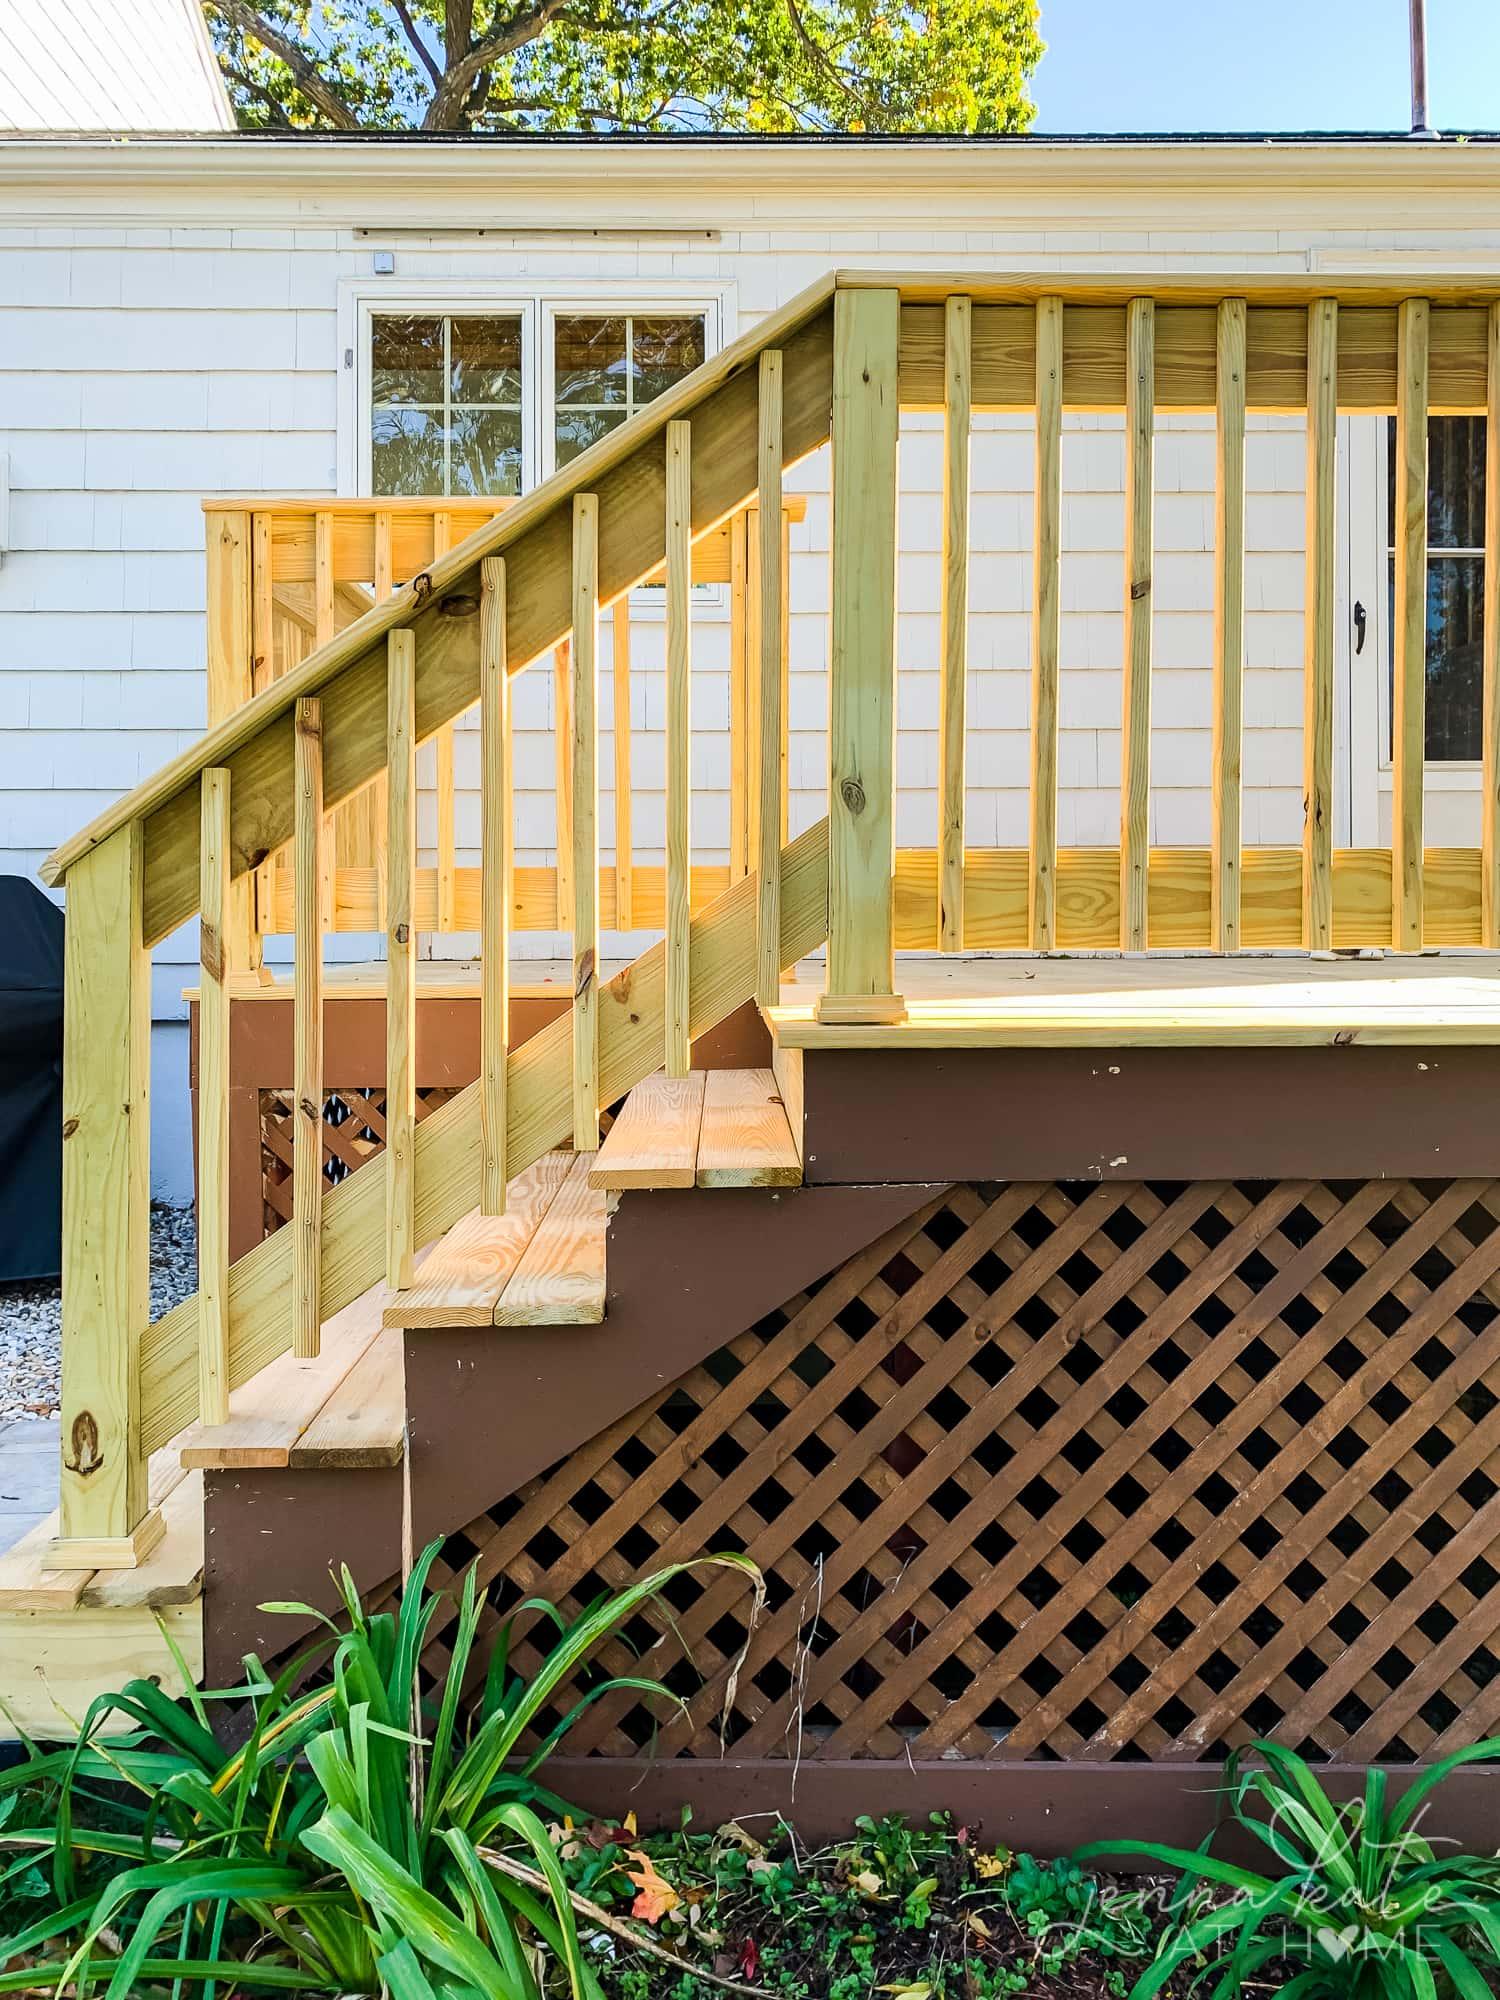 Old deck versus new deck